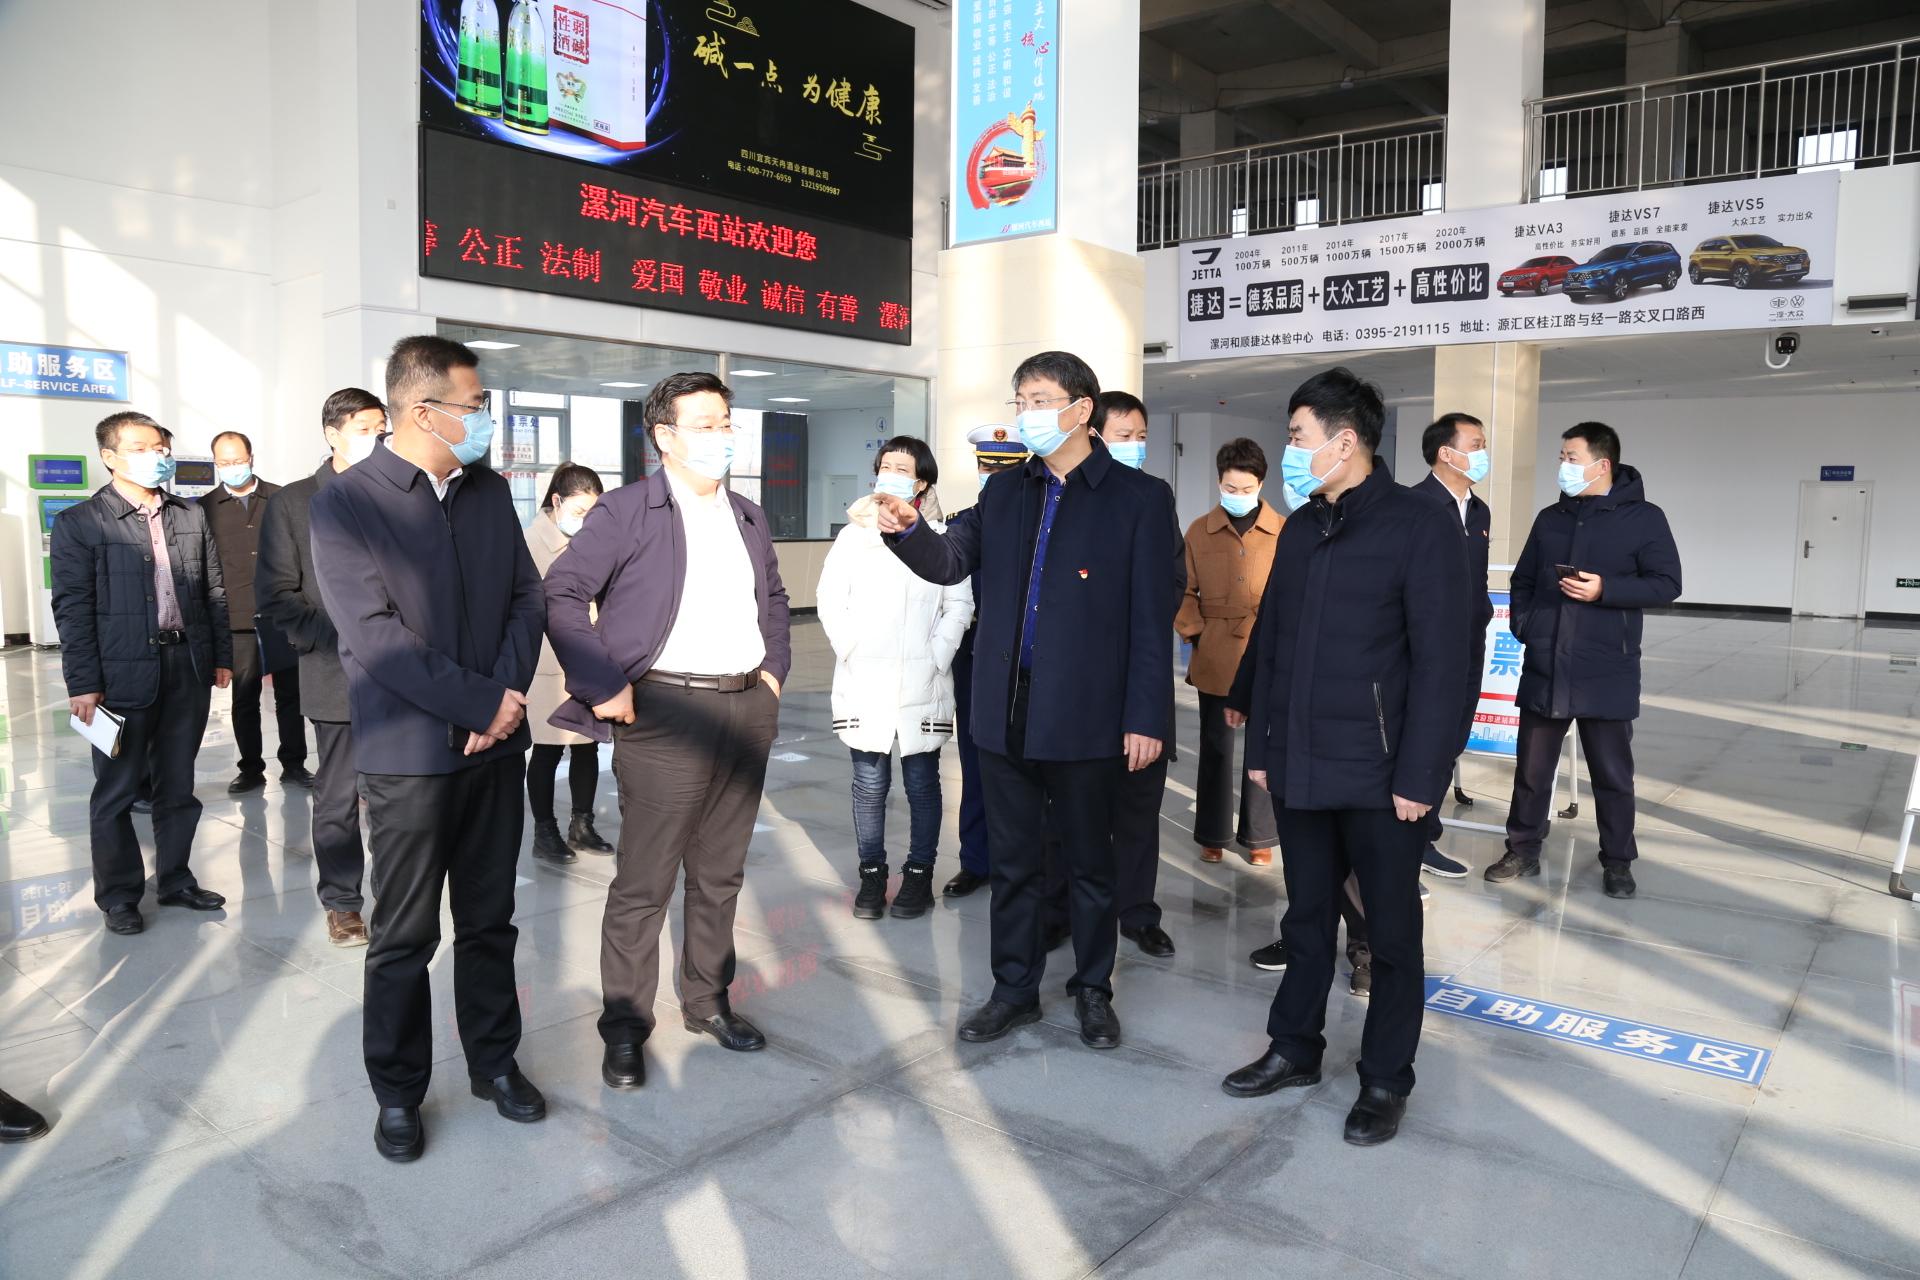 劉尚進市長到汽車西站視察春運工作